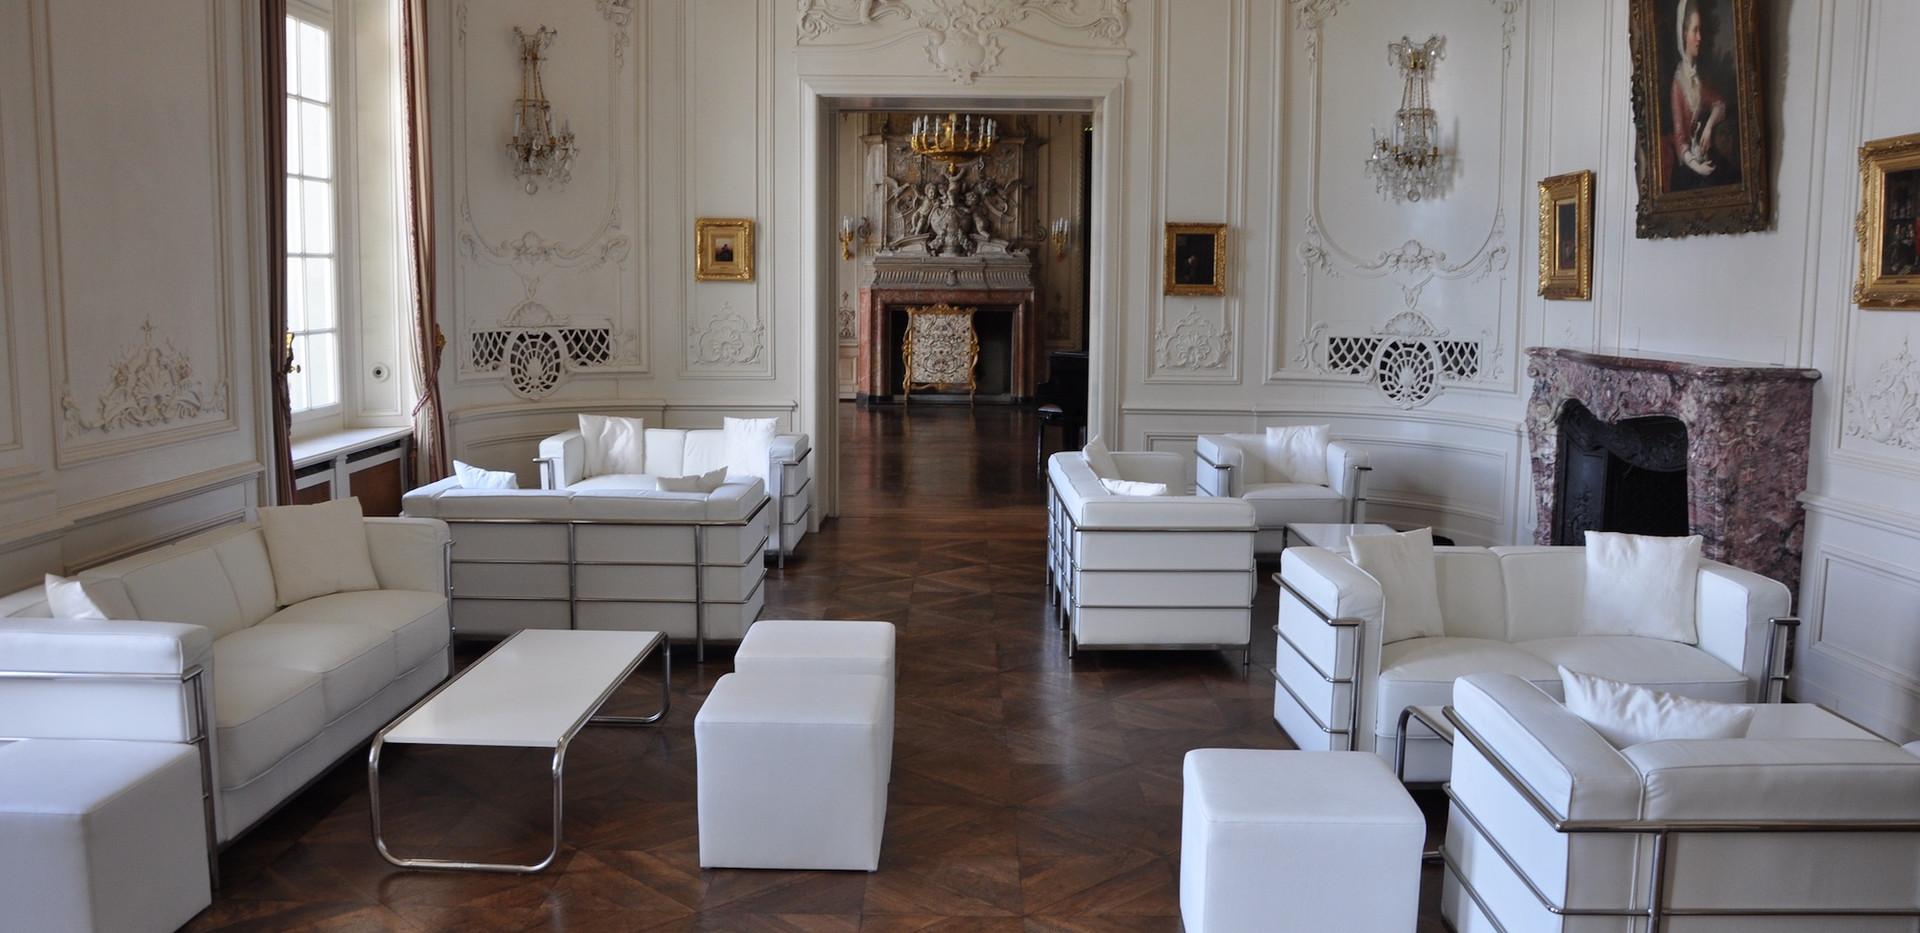 Wienersaal mit Lounge